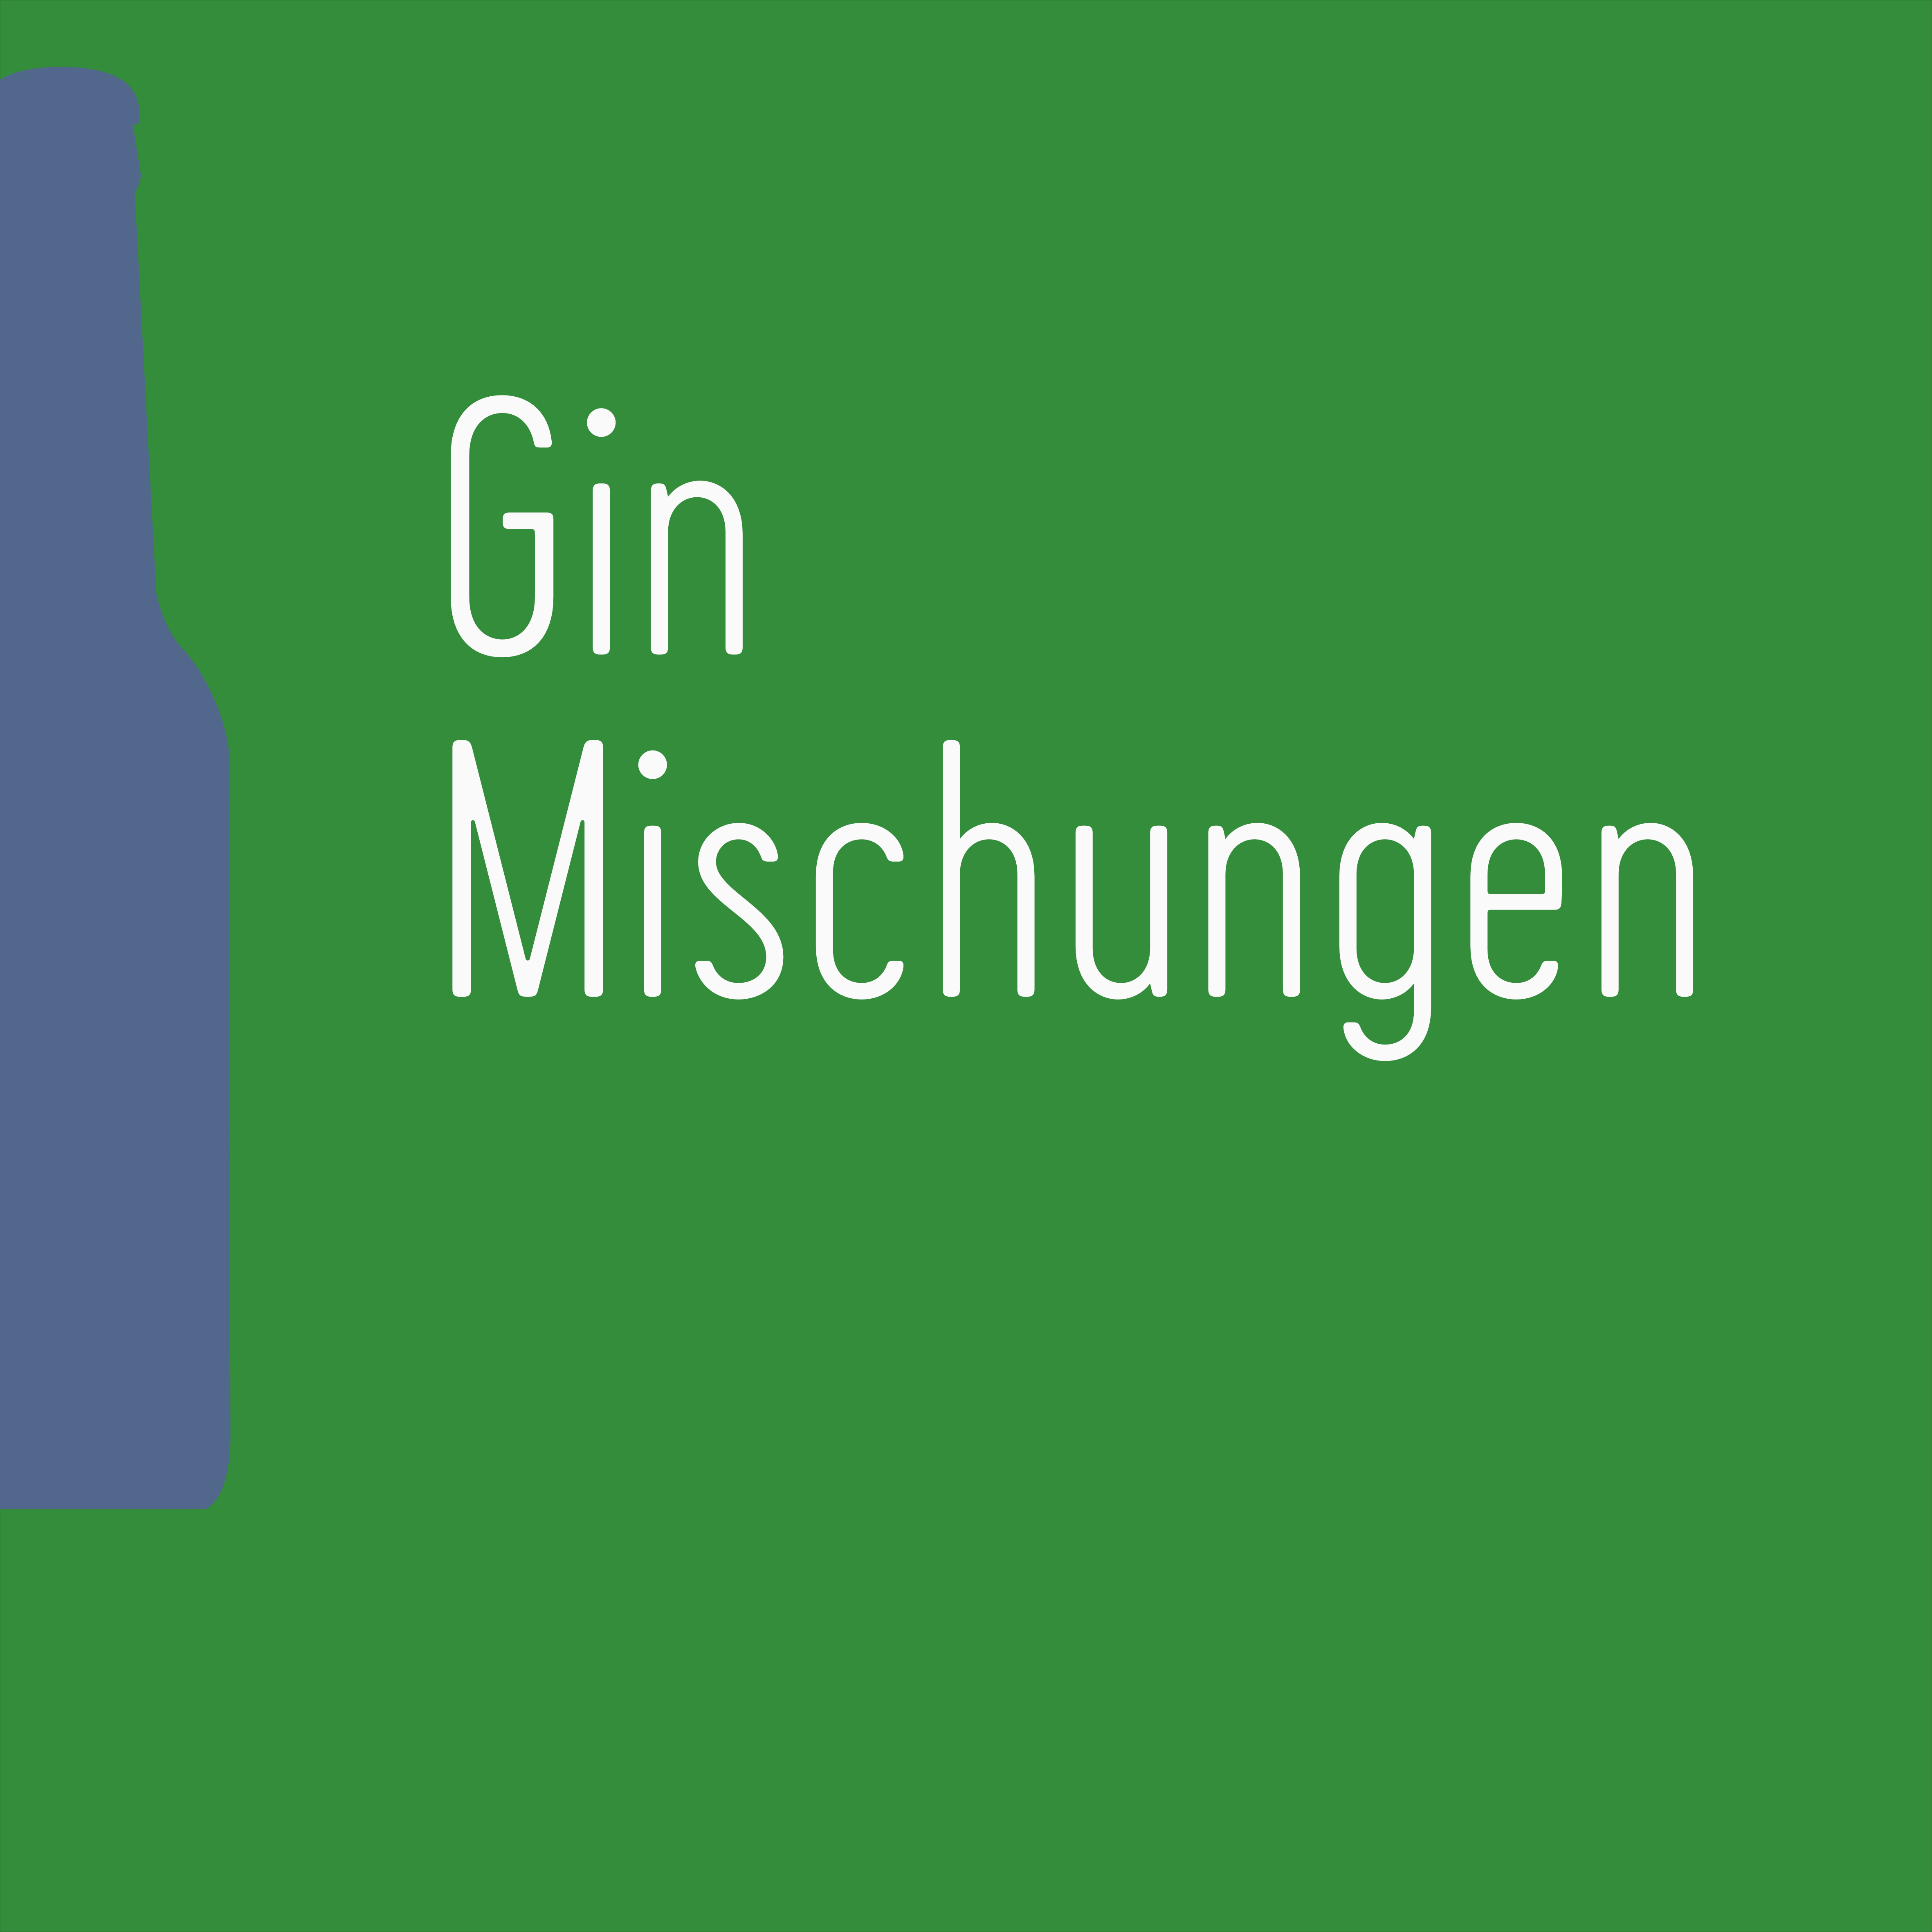 GinMischungen